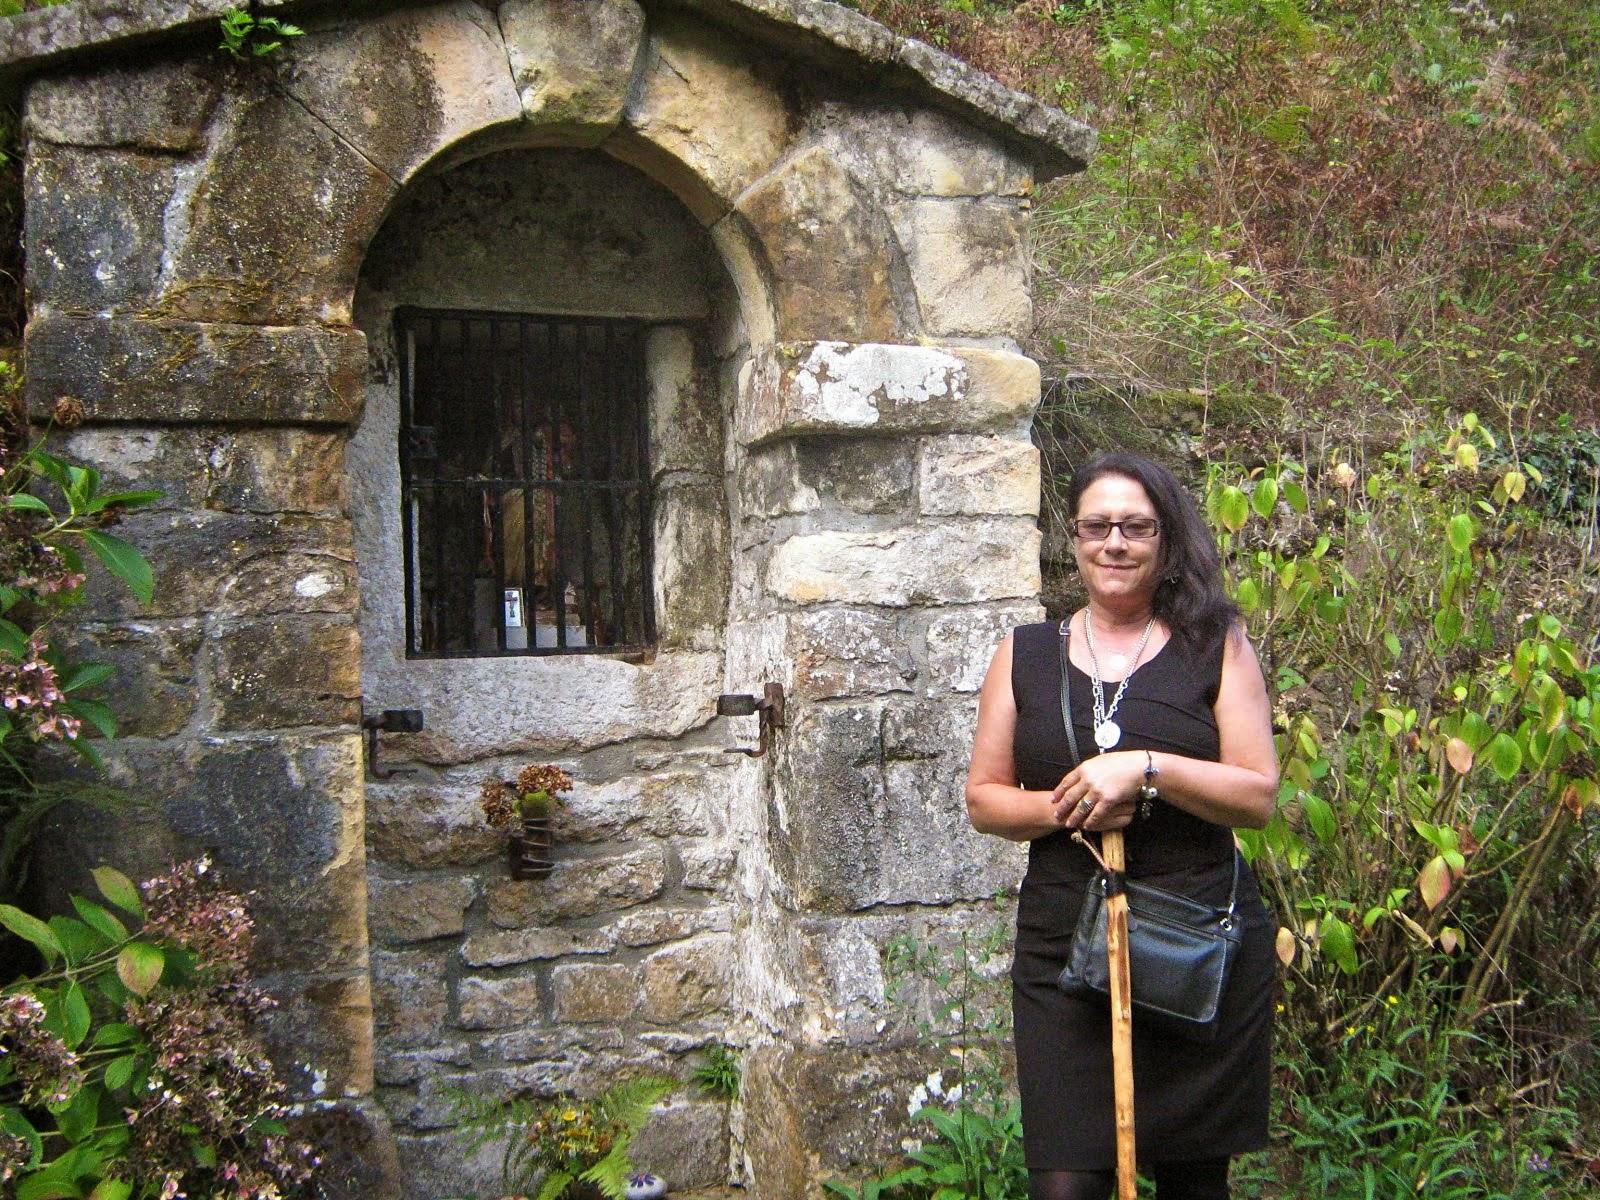 Castaños, flores, un camino y una capilla de ánimas.